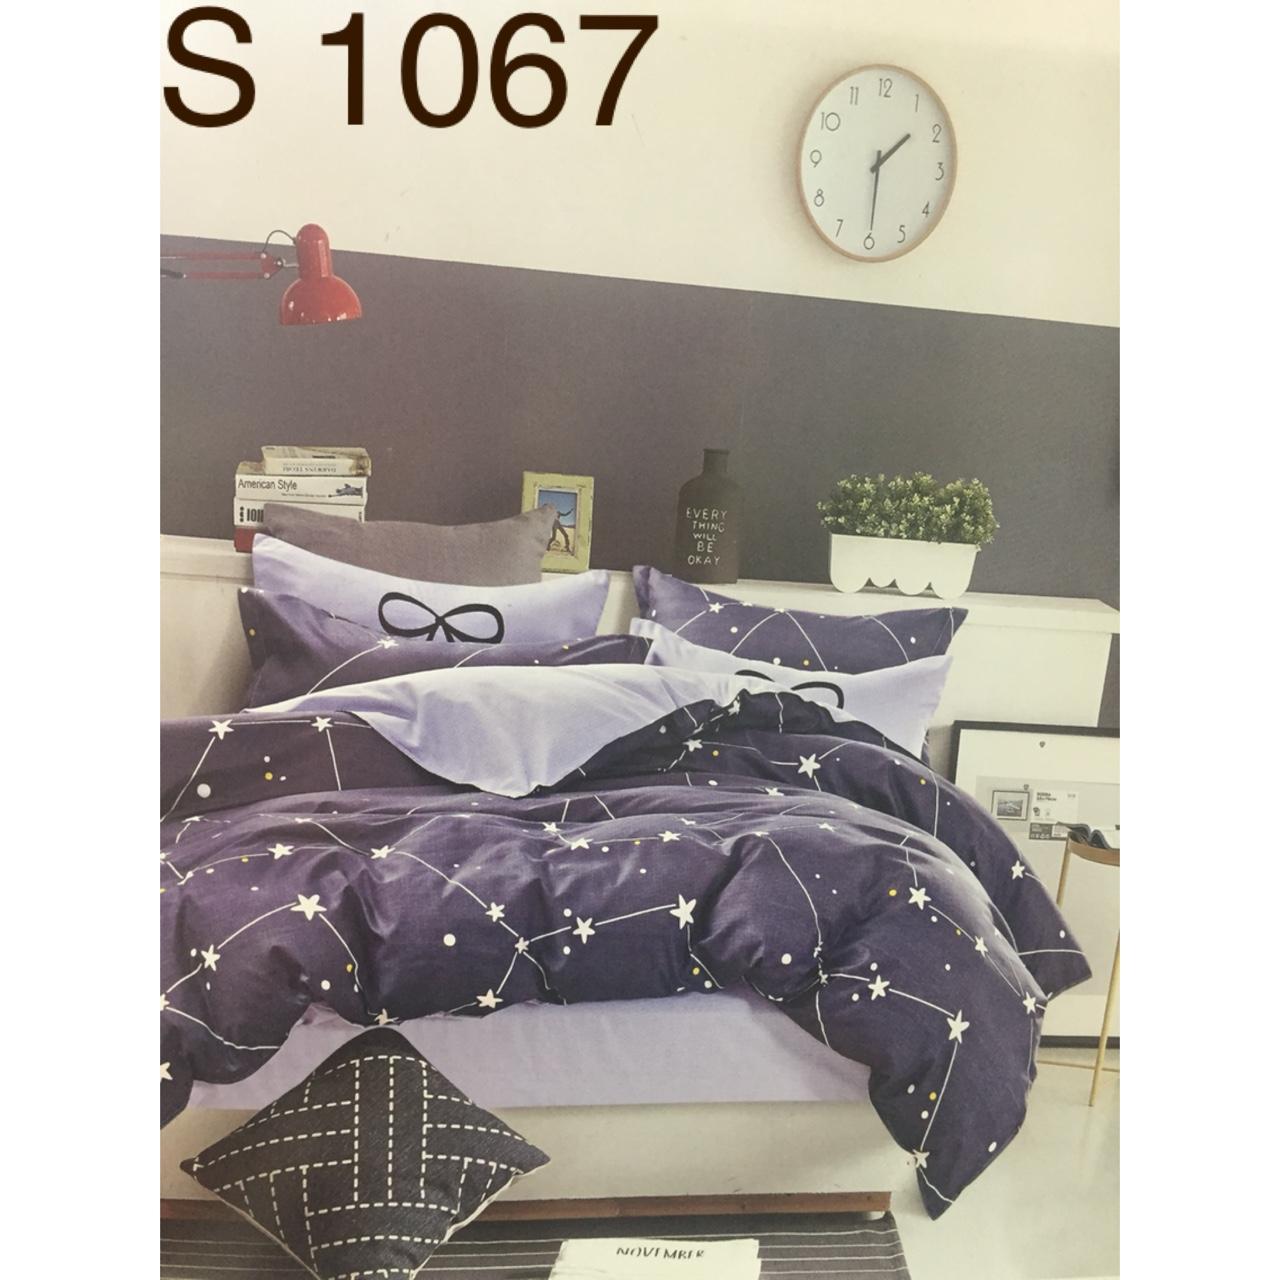 Bộ Chăn Ga Cotton Poly Hàn Quốc - Kí Hiệu: S1067